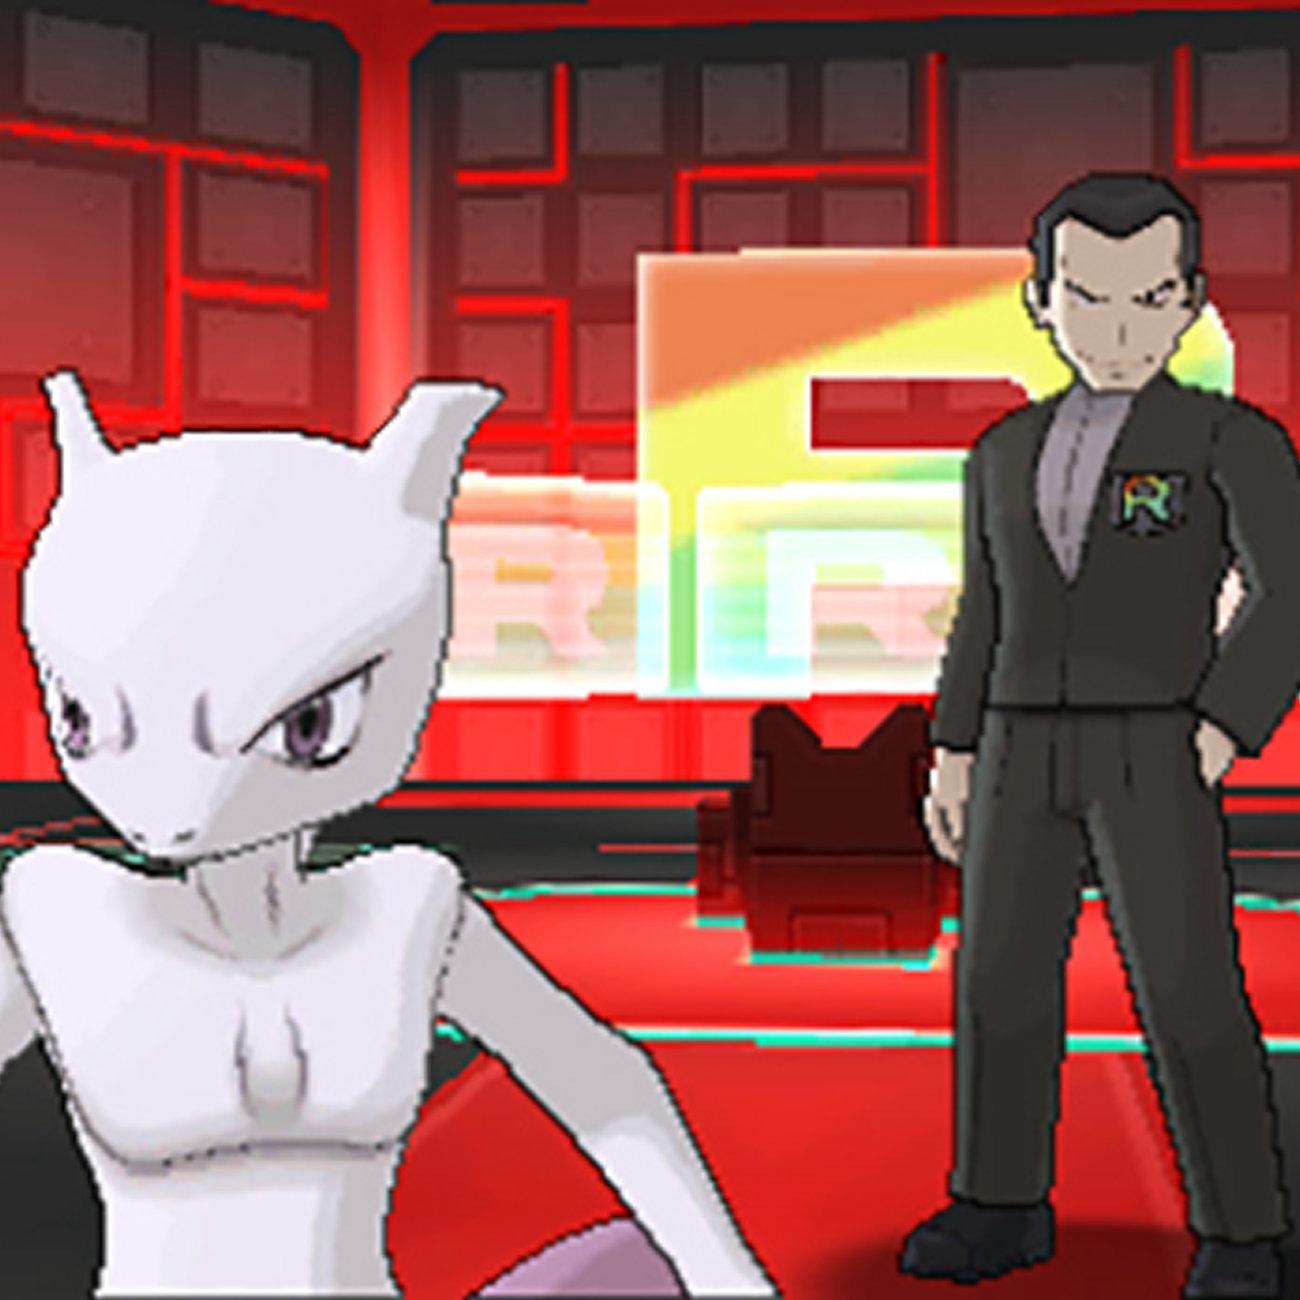 ポケモン ウルトラ サン ムーン、別の可能性の世界にボス